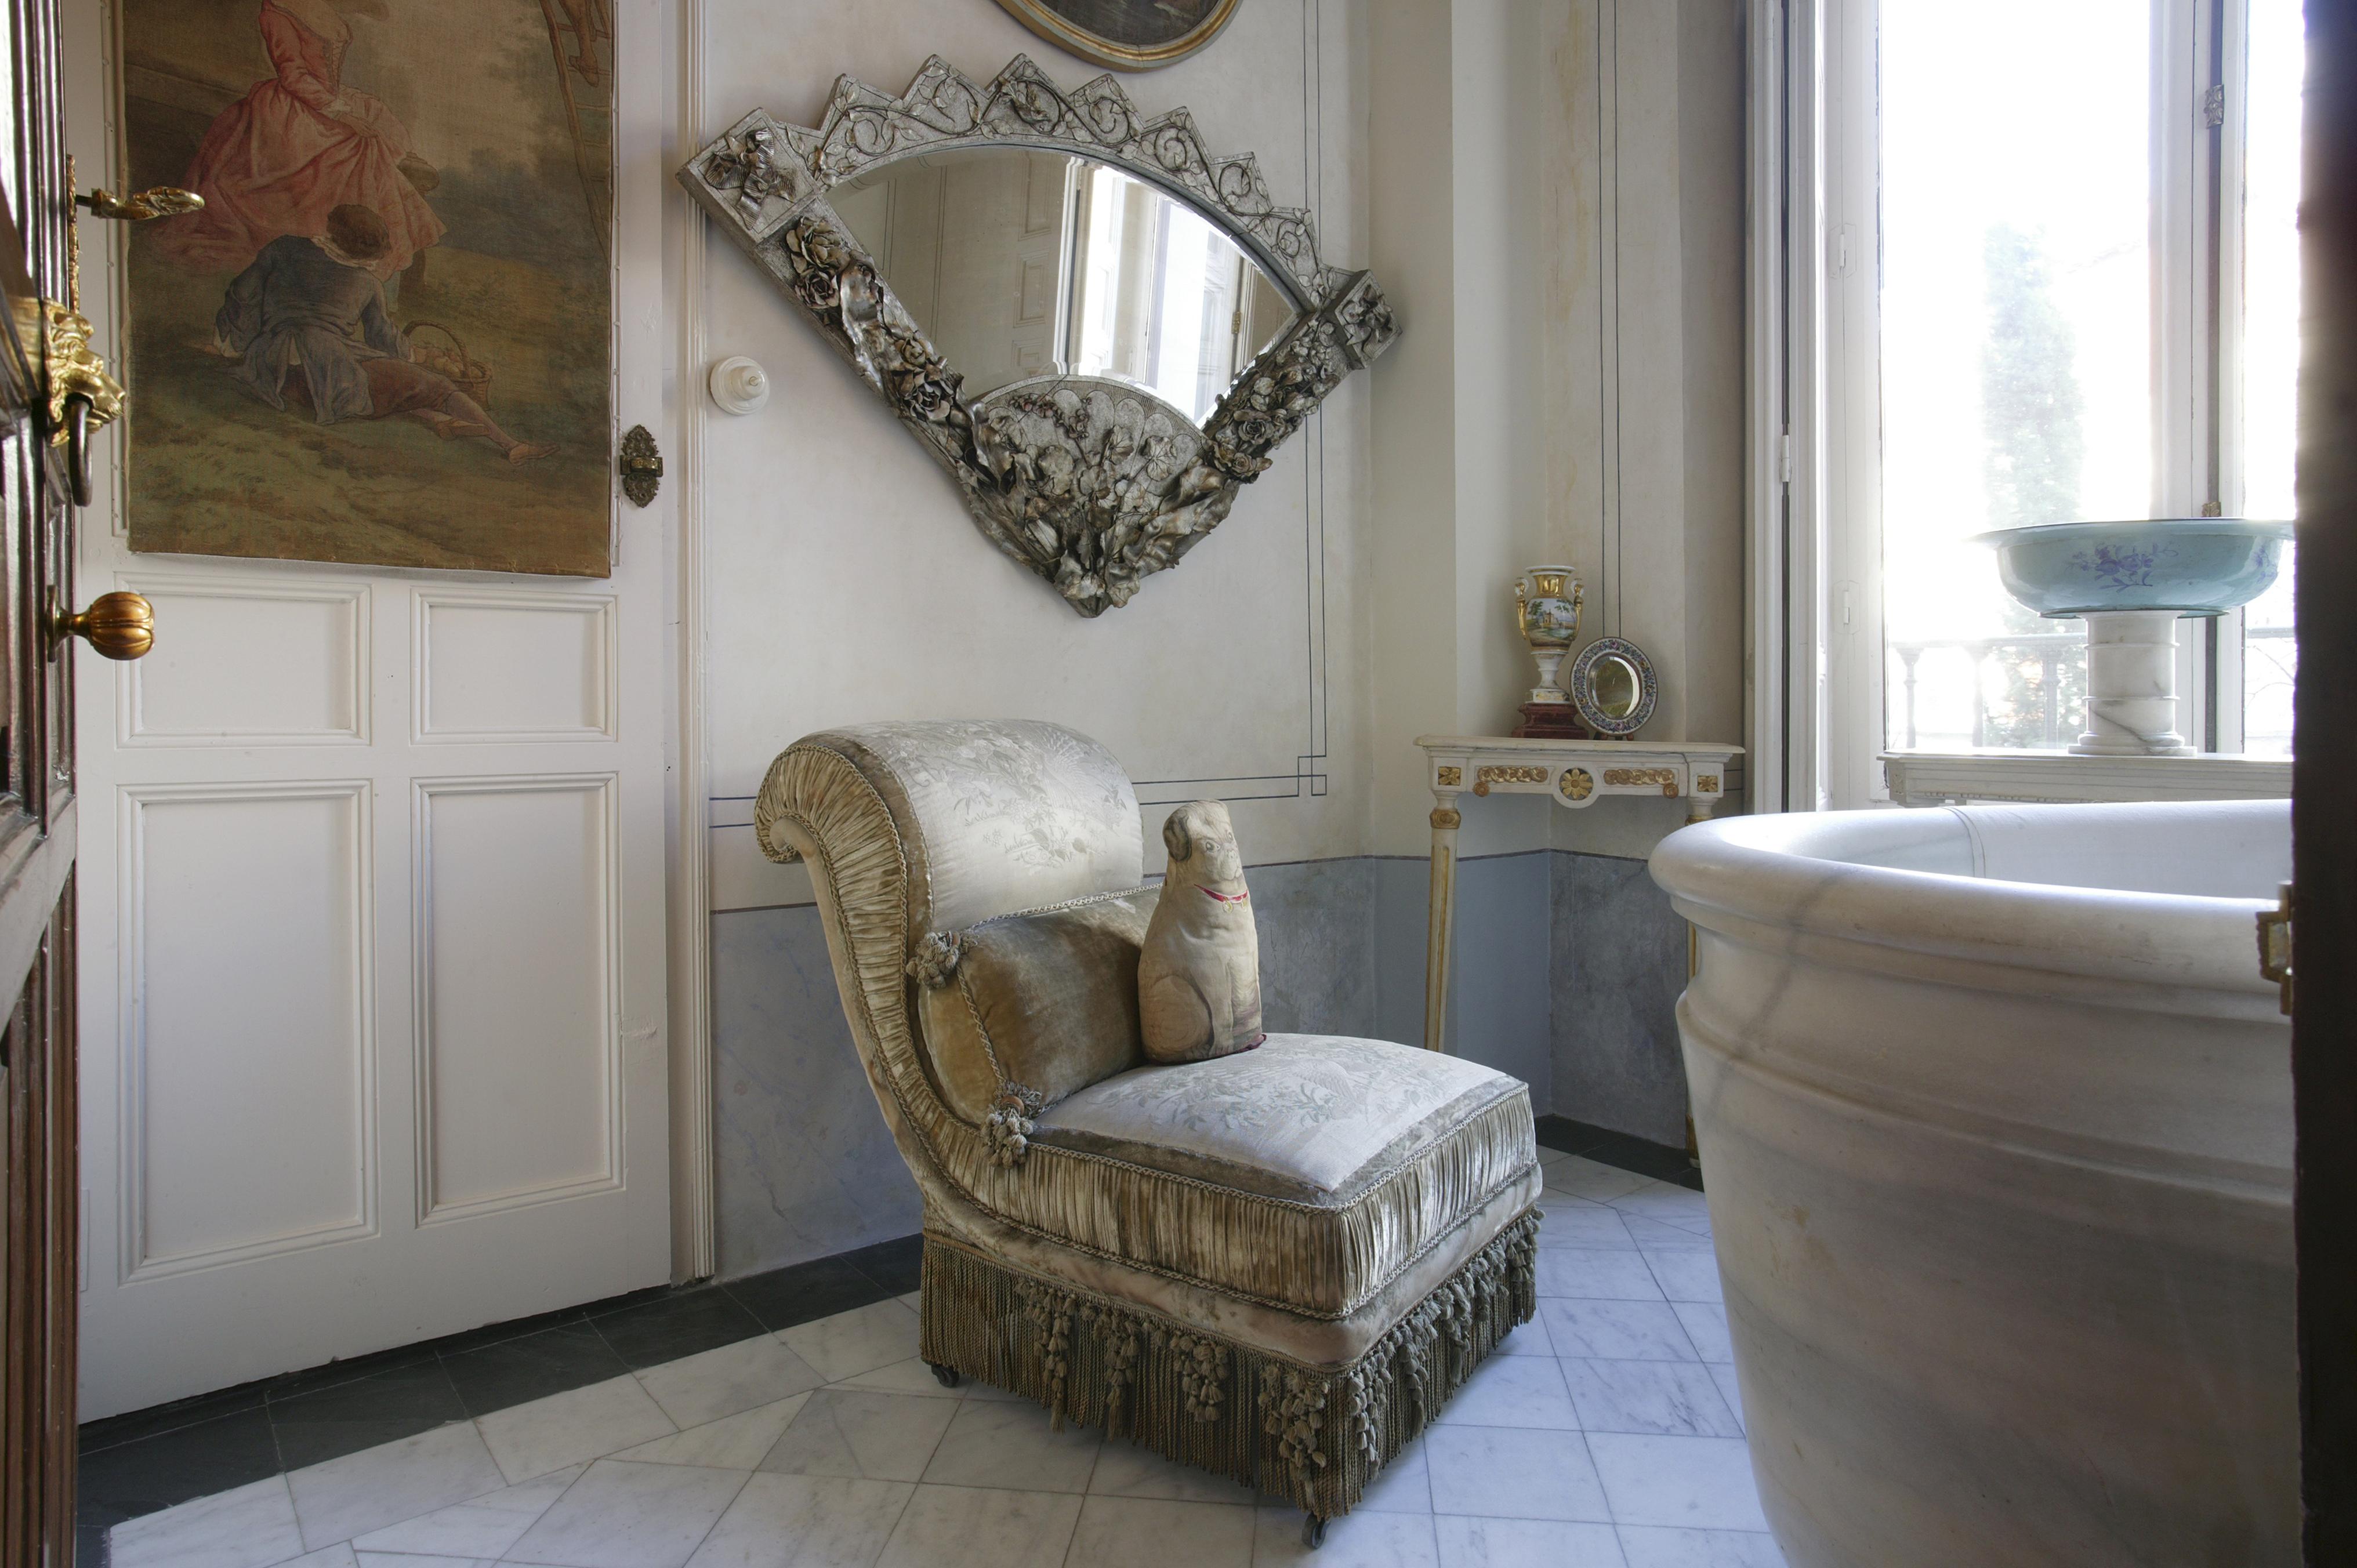 sillones de comodidad, museo cerralbo